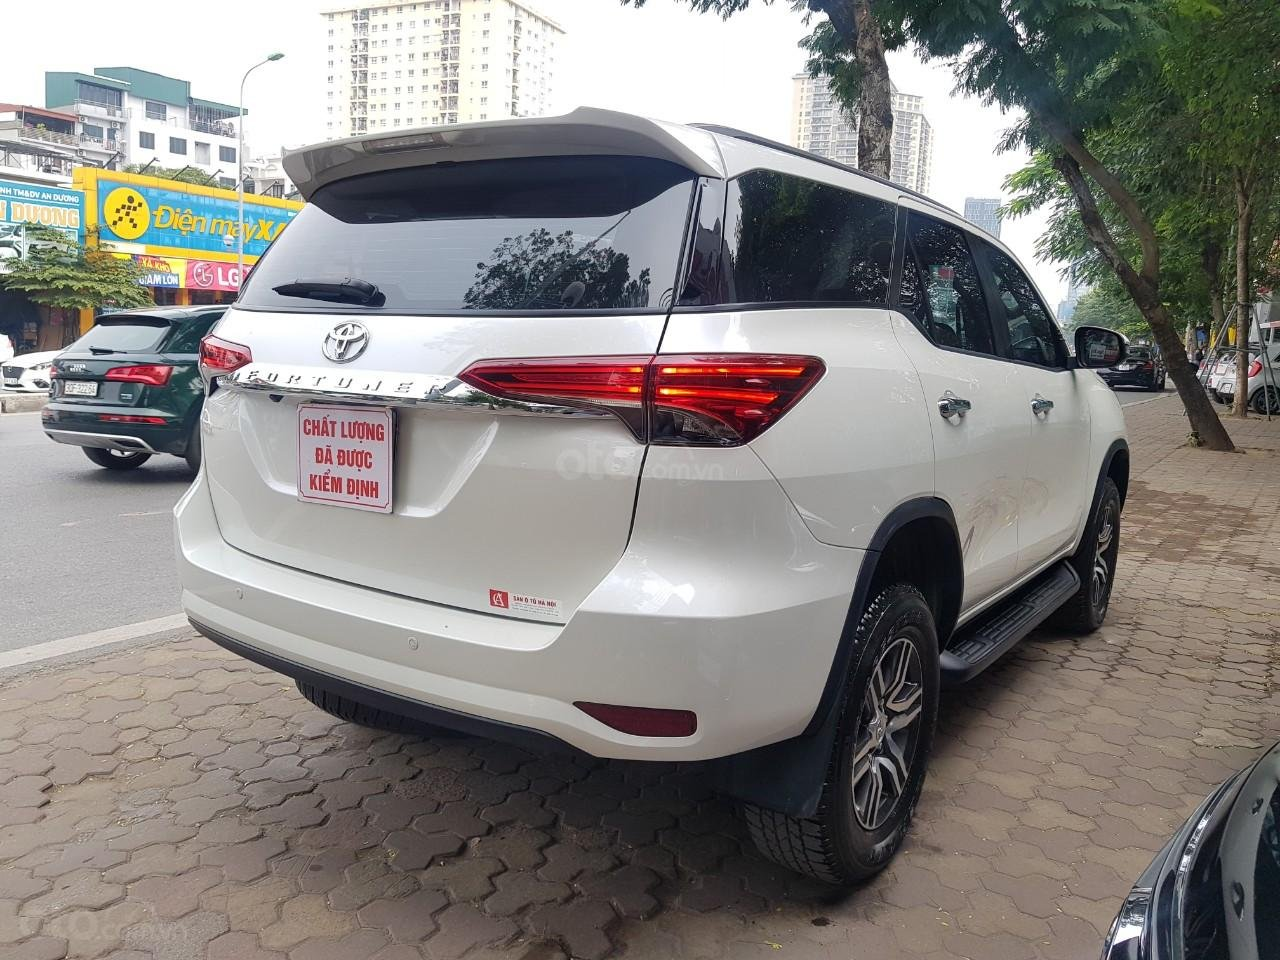 Toyota Fortuner 2.4 máy dầu màu trắng sx 2020 xe một chủ từ đầu đi hơn 10.000km (3)